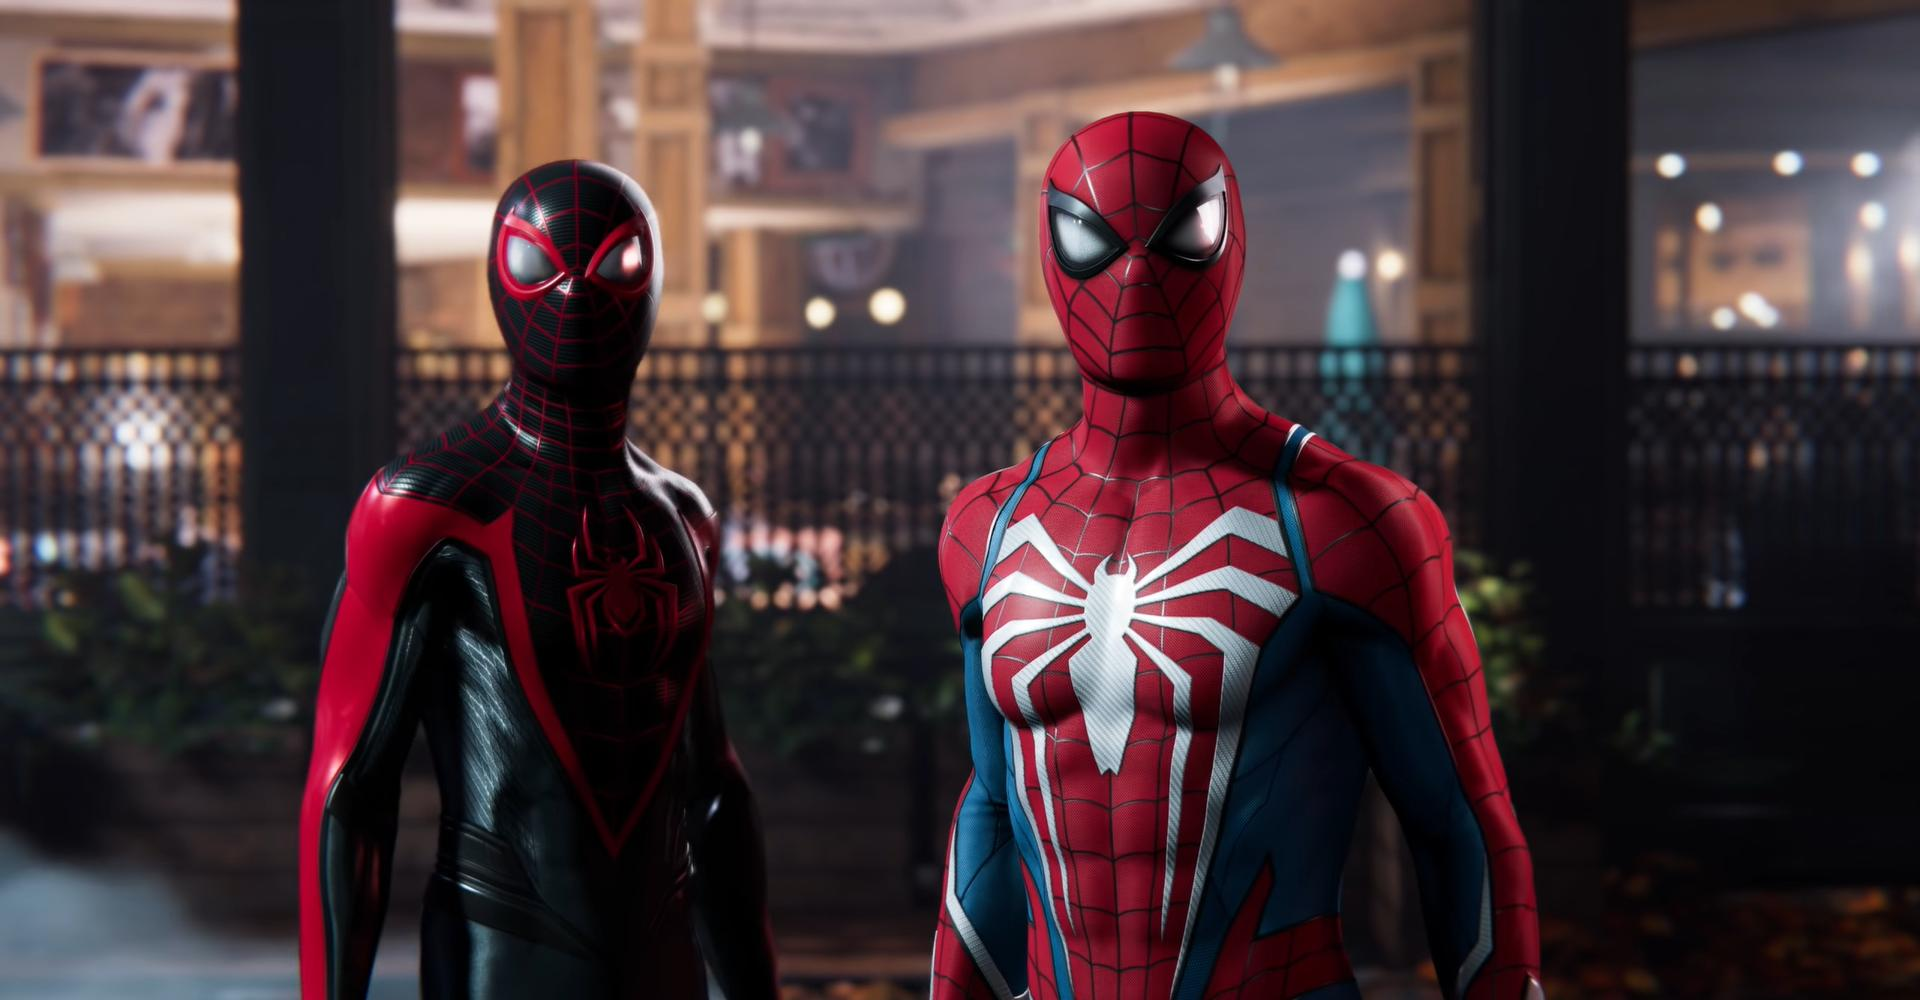 Анонсирован эксклюзив Человек-паук 2. Трейлер игры стал самым популярным наPlayStation Showcase 2021